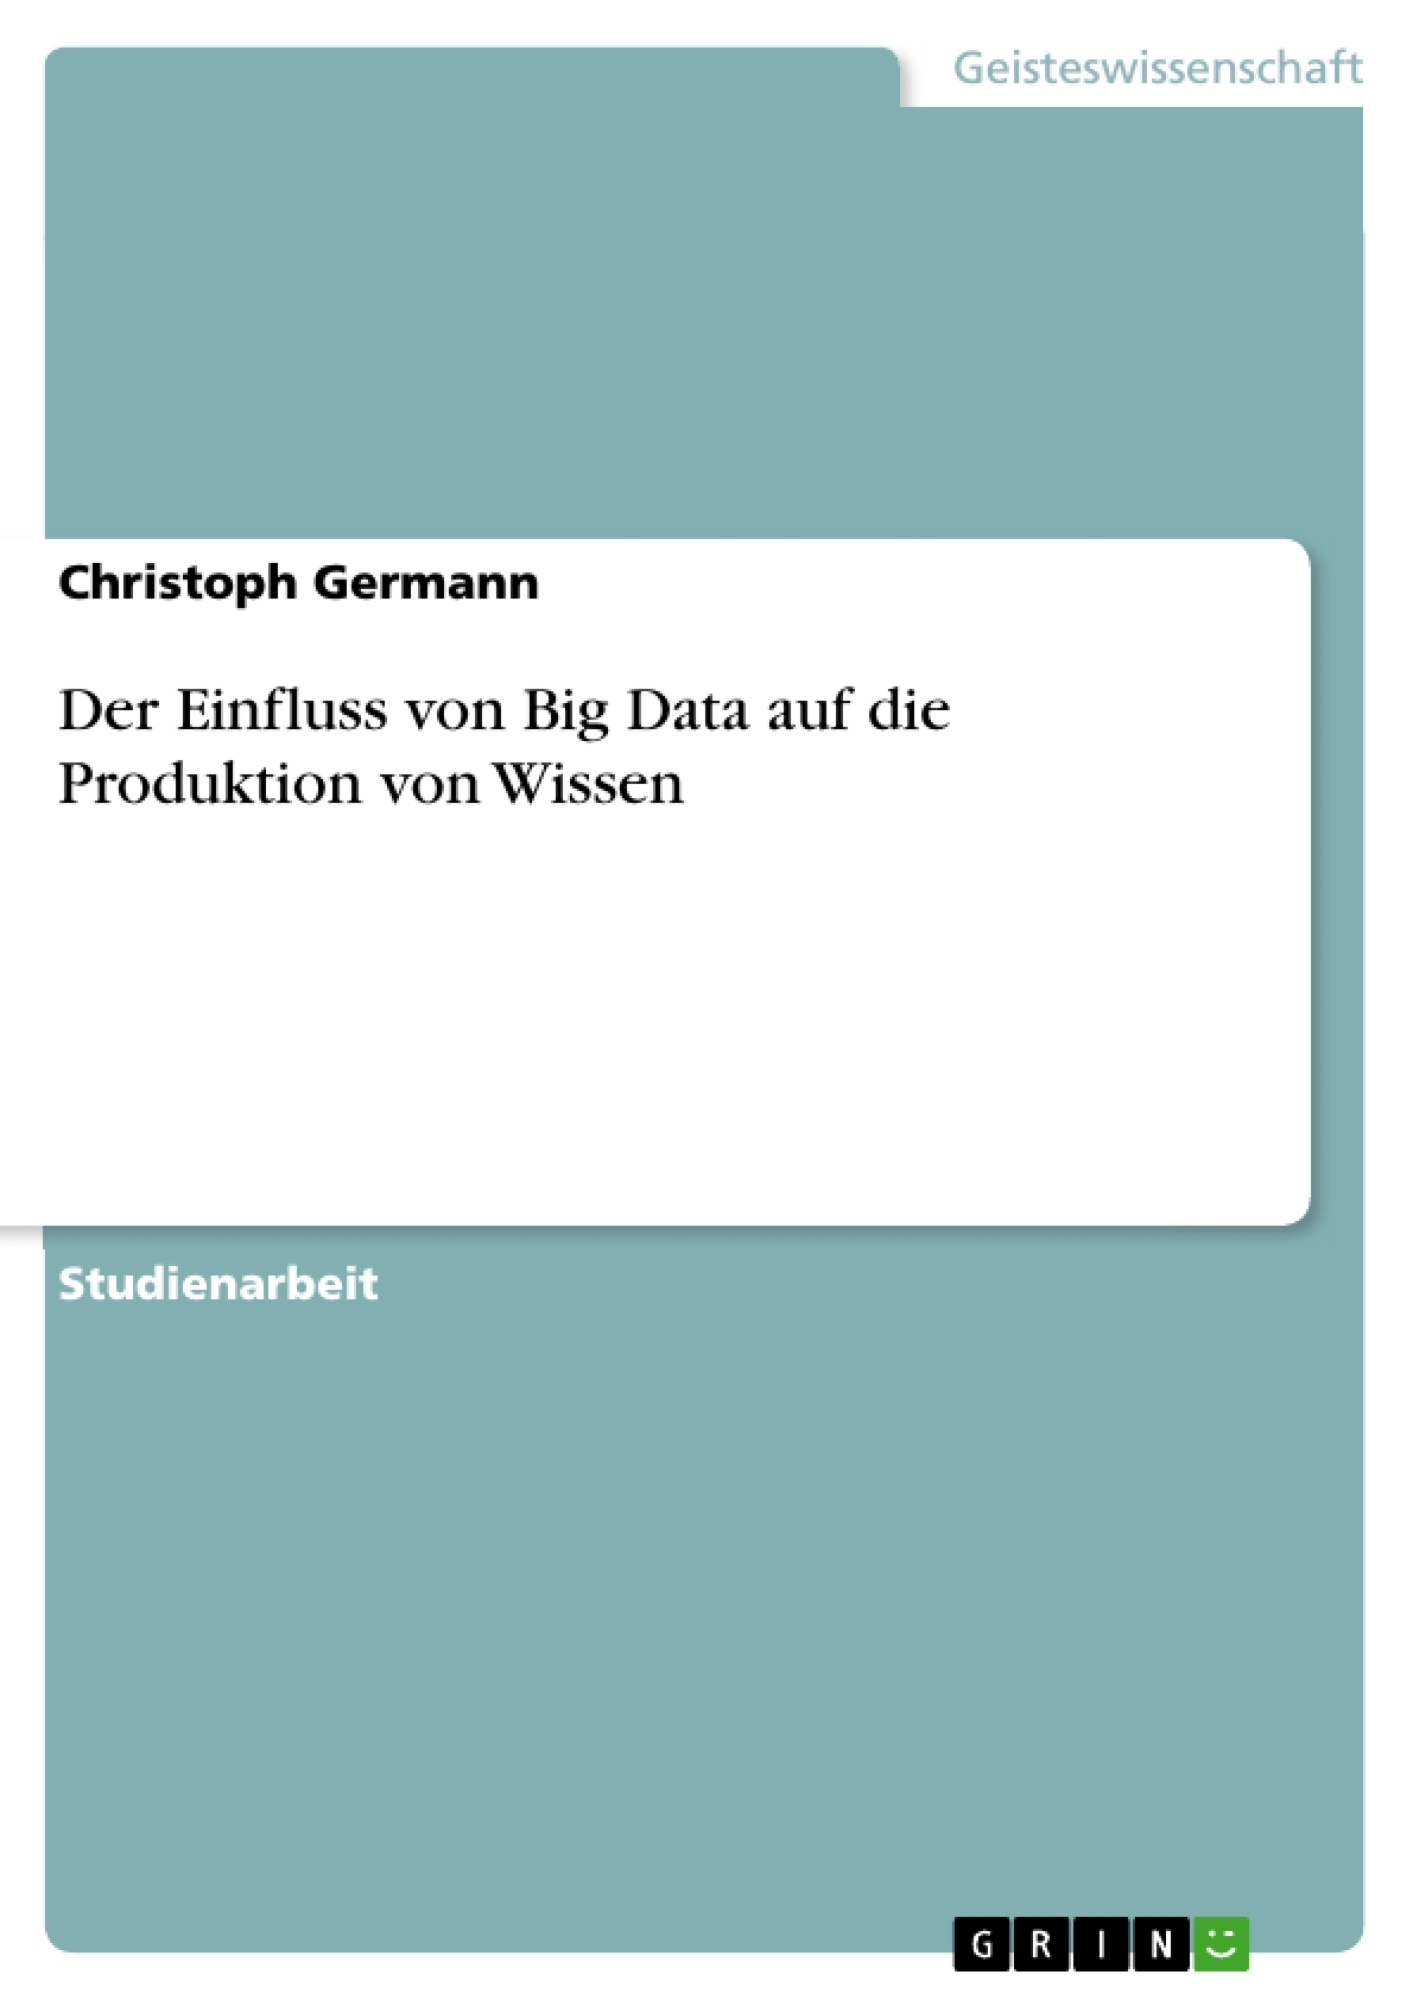 Titel: Der Einfluss von Big Data auf die Produktion von Wissen